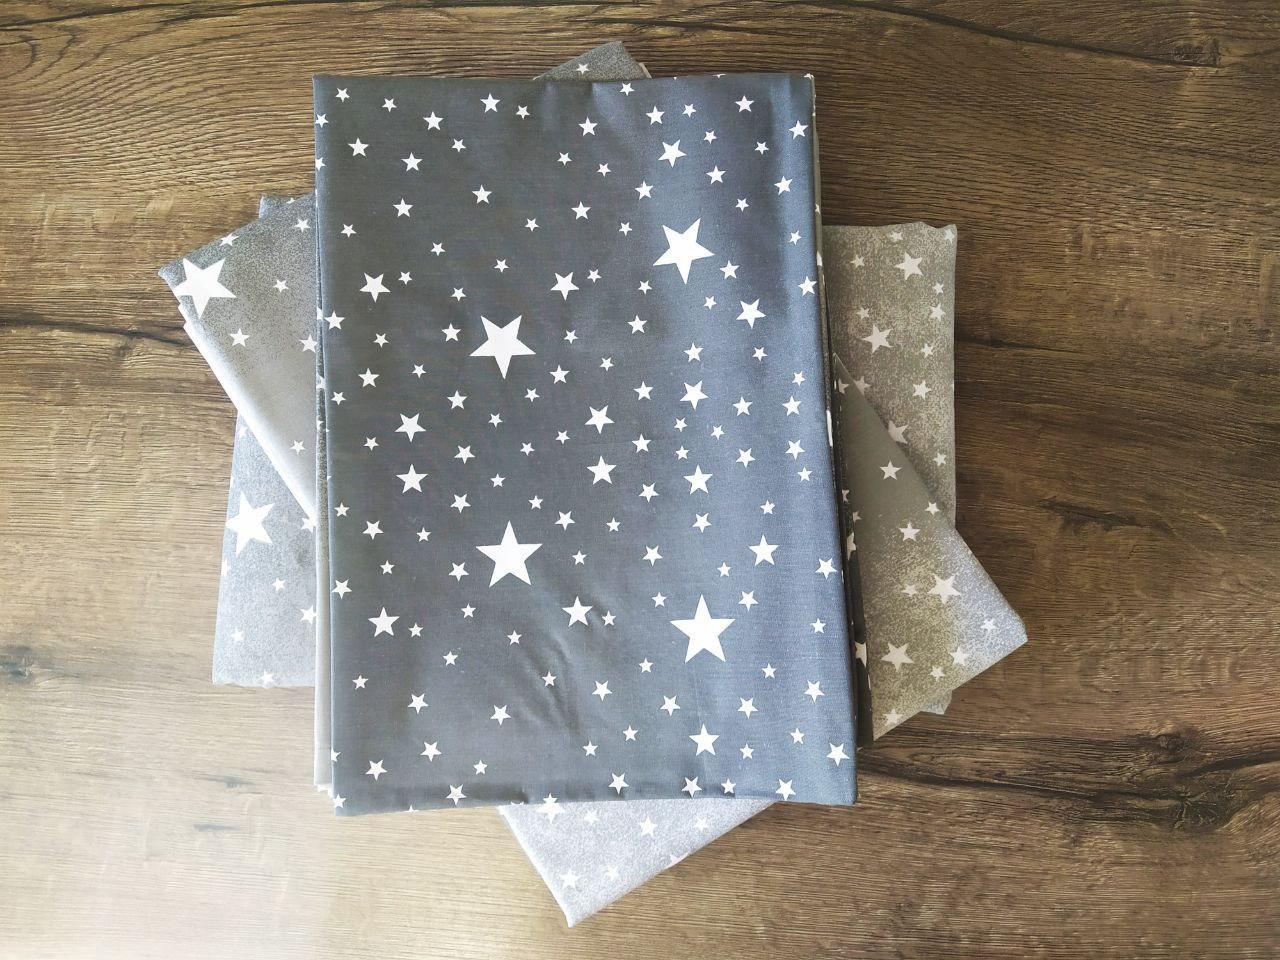 Распродажа! Двуспальный комплект постельного белья бязь хлопок 80% GoldLux GL4188 Звезды